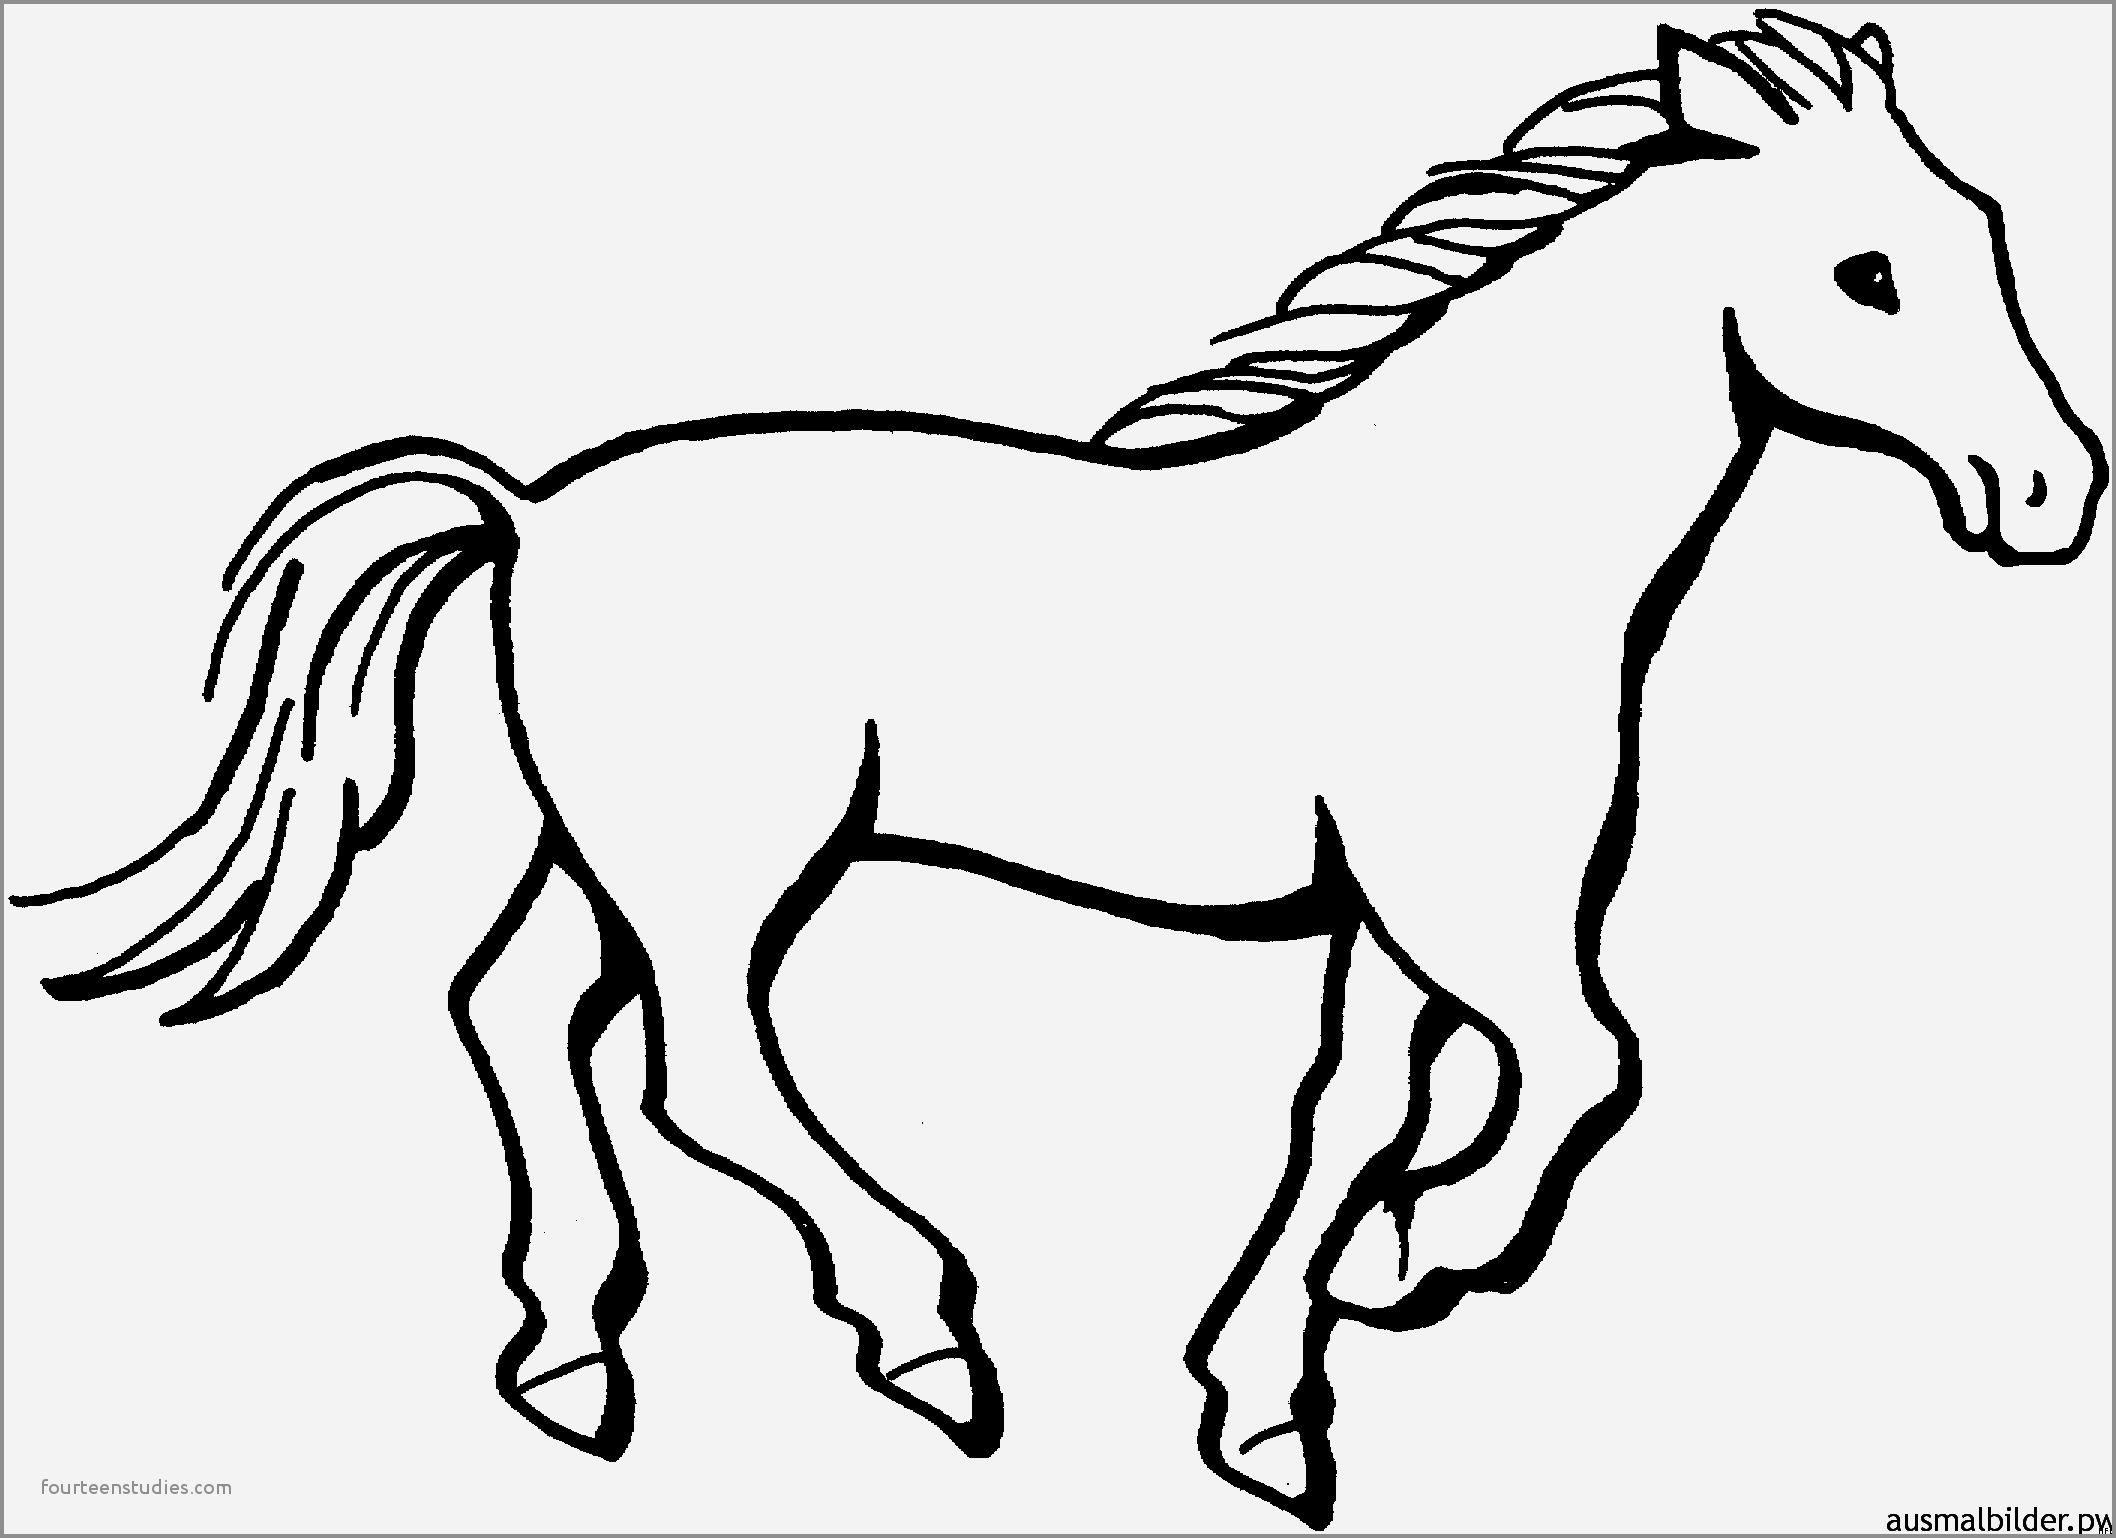 Pferde Ausmalbilder Ausmalbilder Pferde Malvorlagen Pferde Ausmalbilder Pferde Malvorlagen Tiere